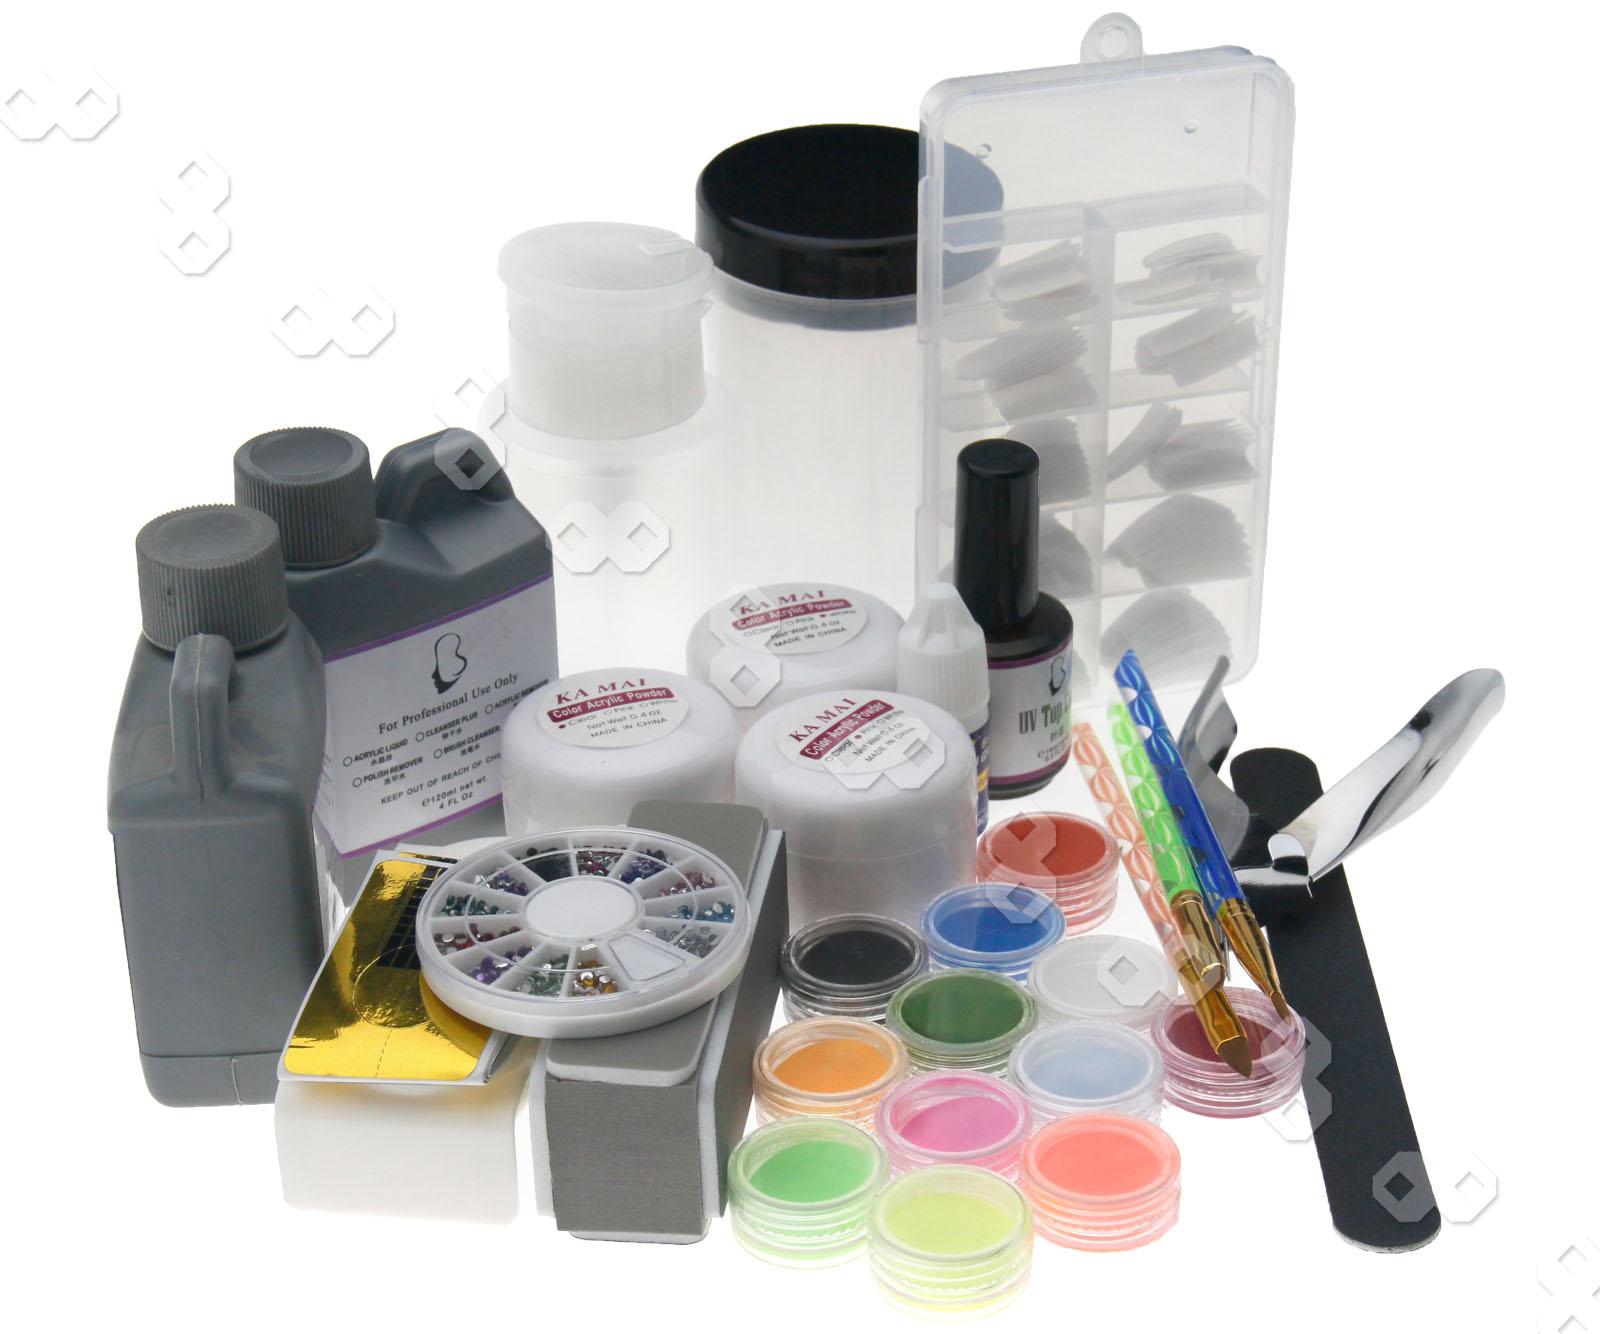 Pro Acrylic Nail Art Color Powder Set W False Nail Tips Full Kit S317 Uk Ebay